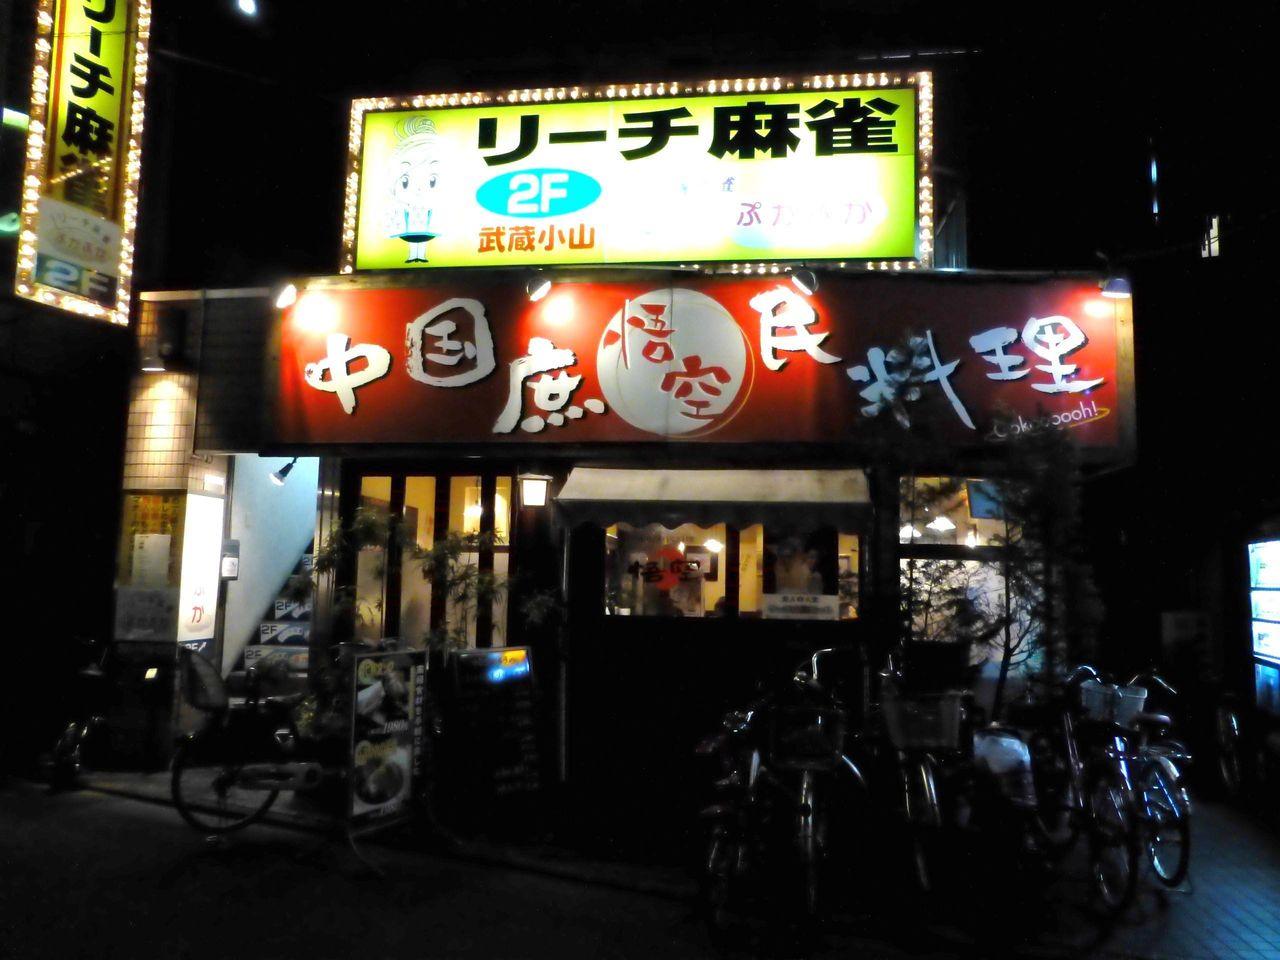 中華料理を低価格で食べられる武蔵小山の悟空!